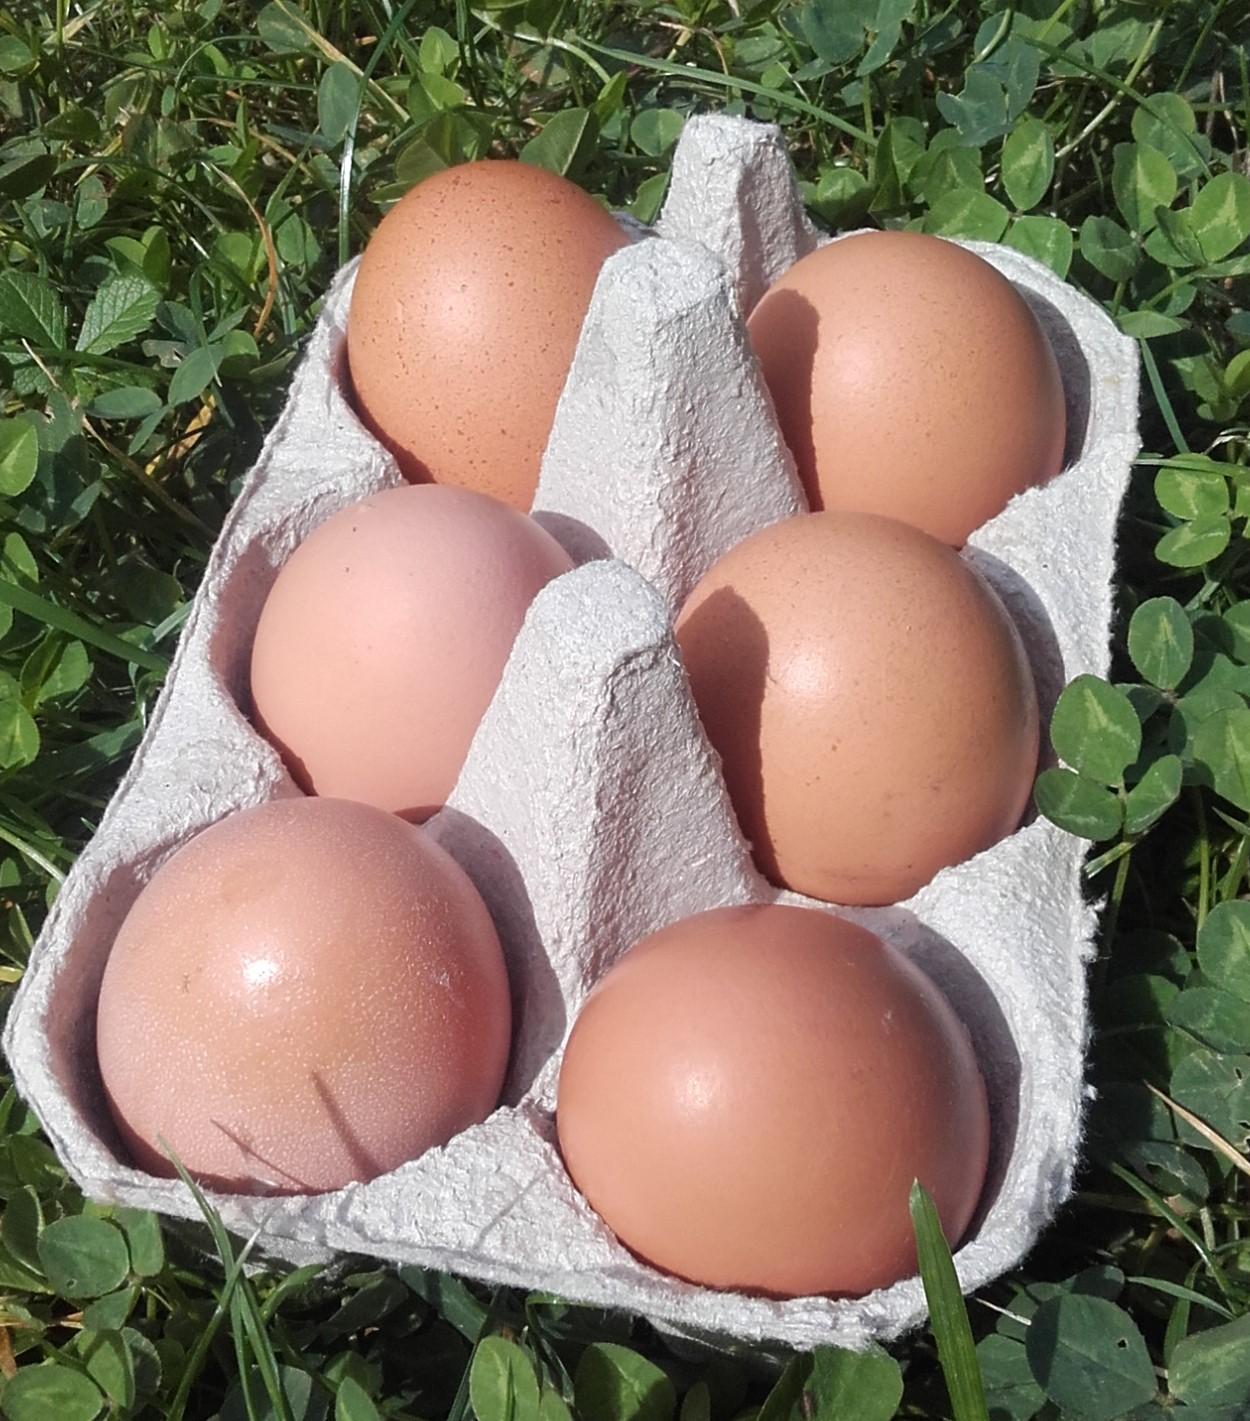 des Oeufs de poulettes qui courent dans les champs !